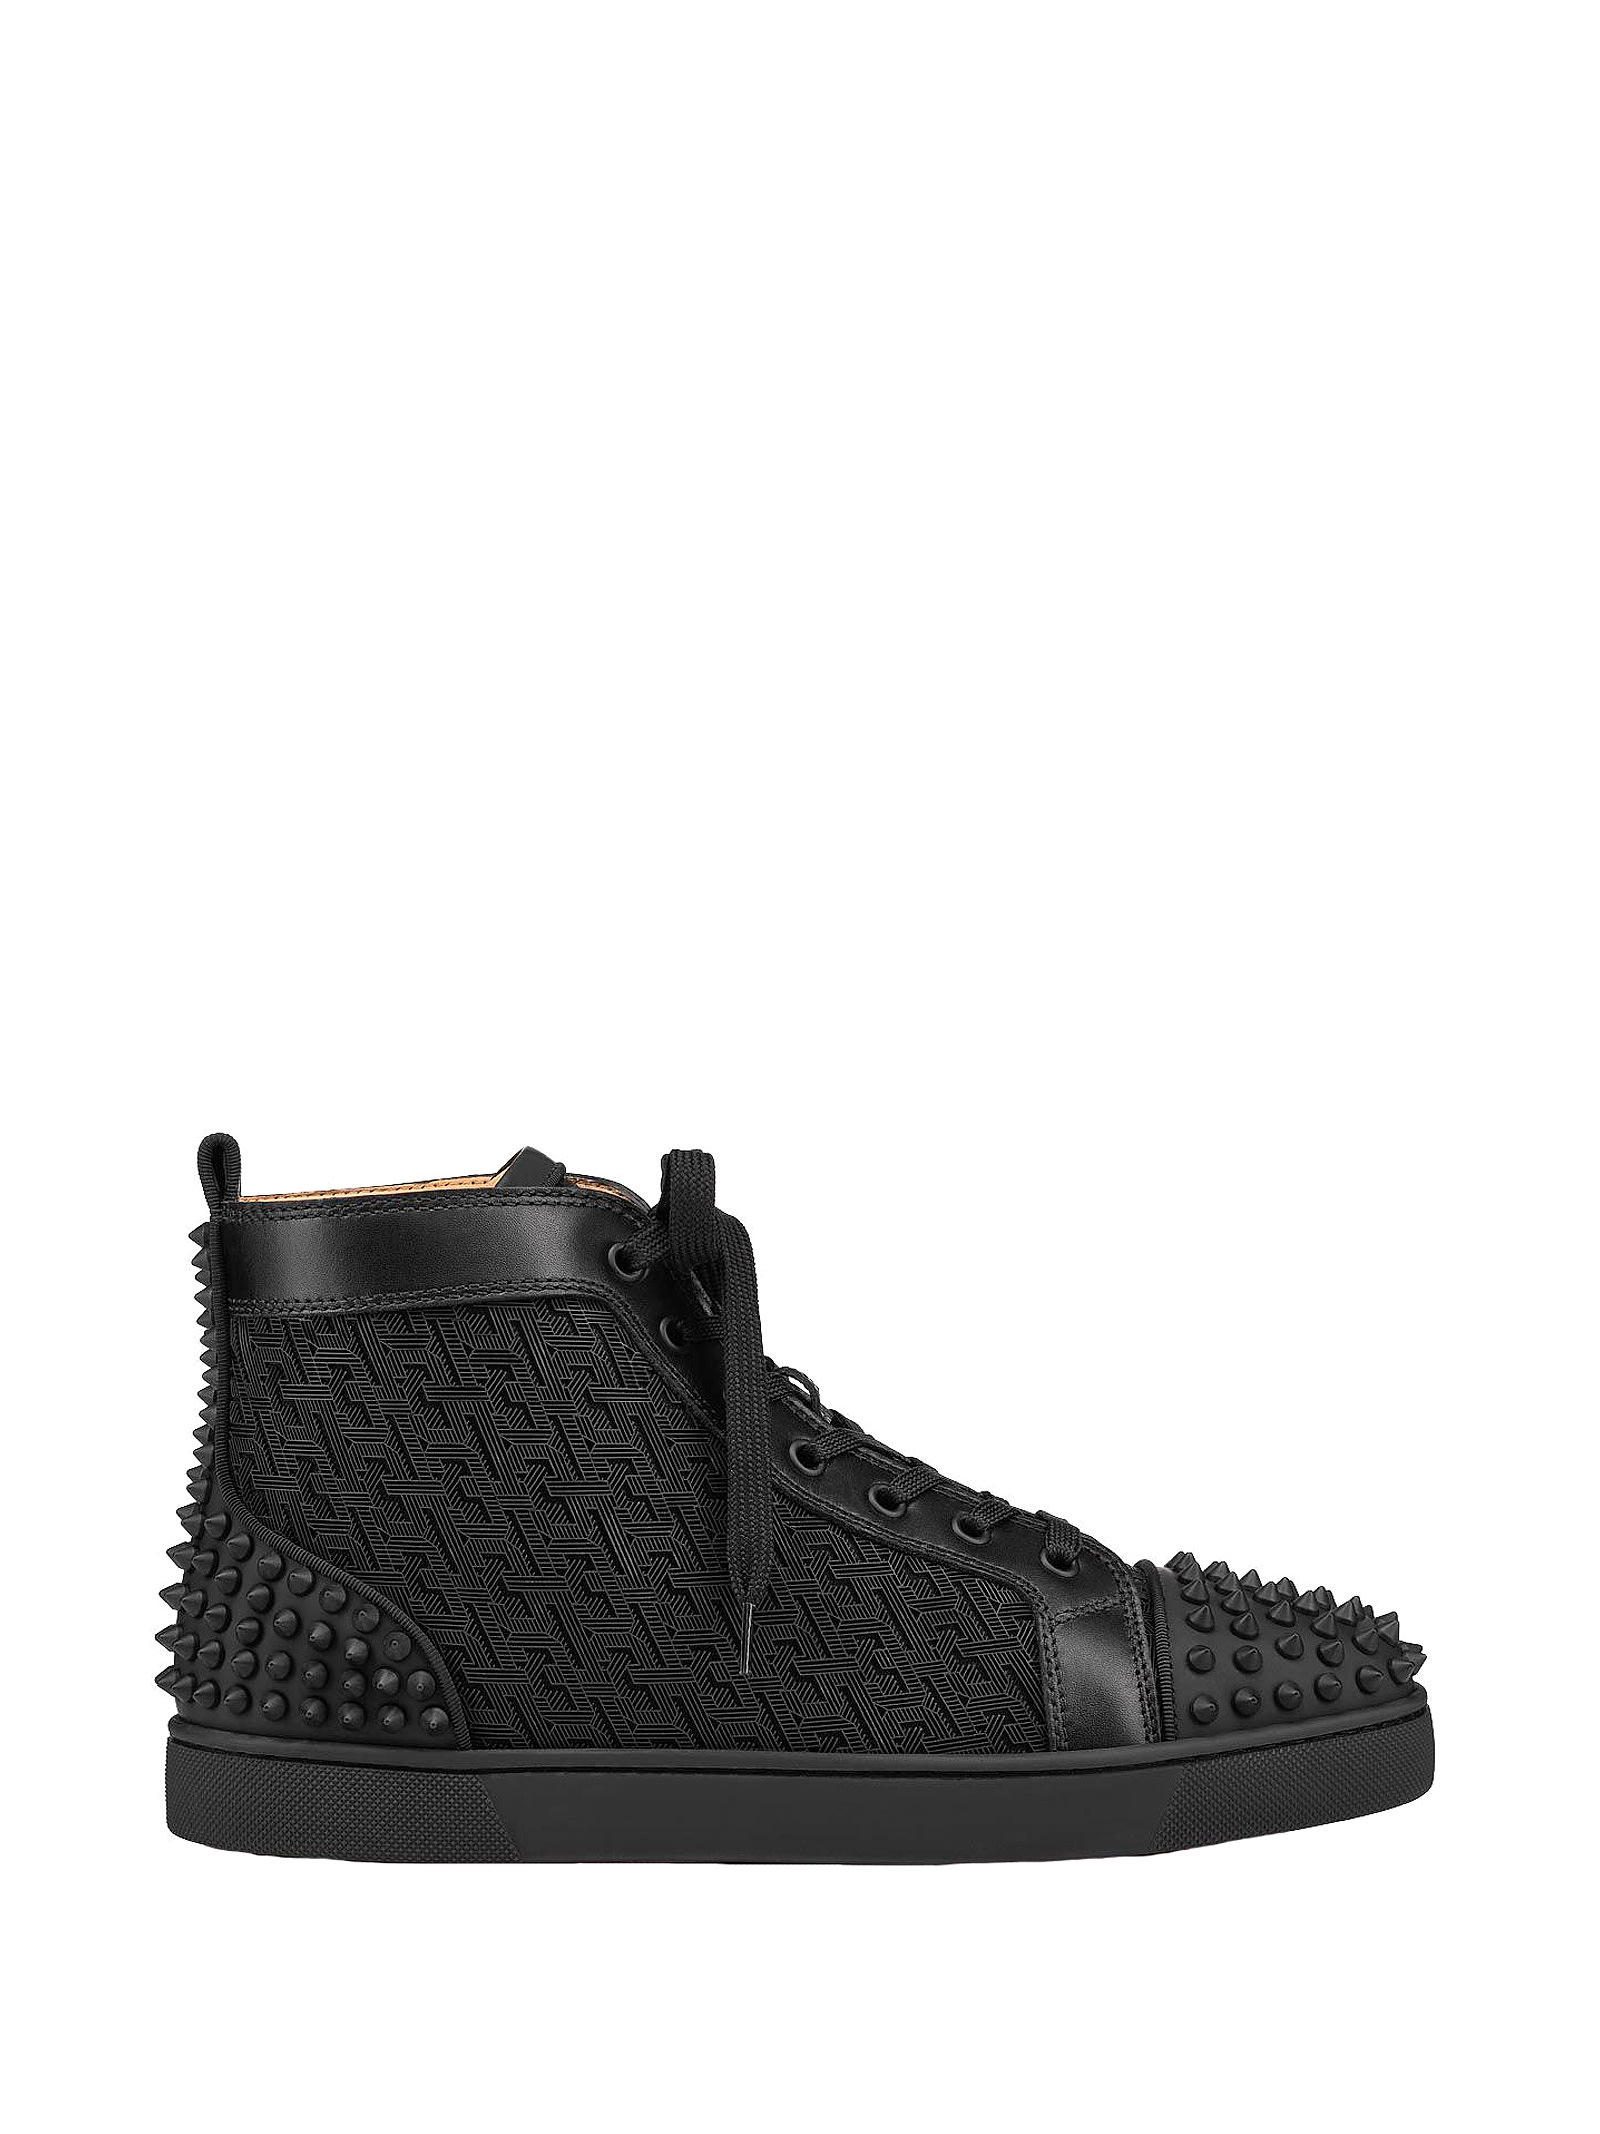 Christian Louboutin Christian Louboutin Lou Spikes 2 Sneakers